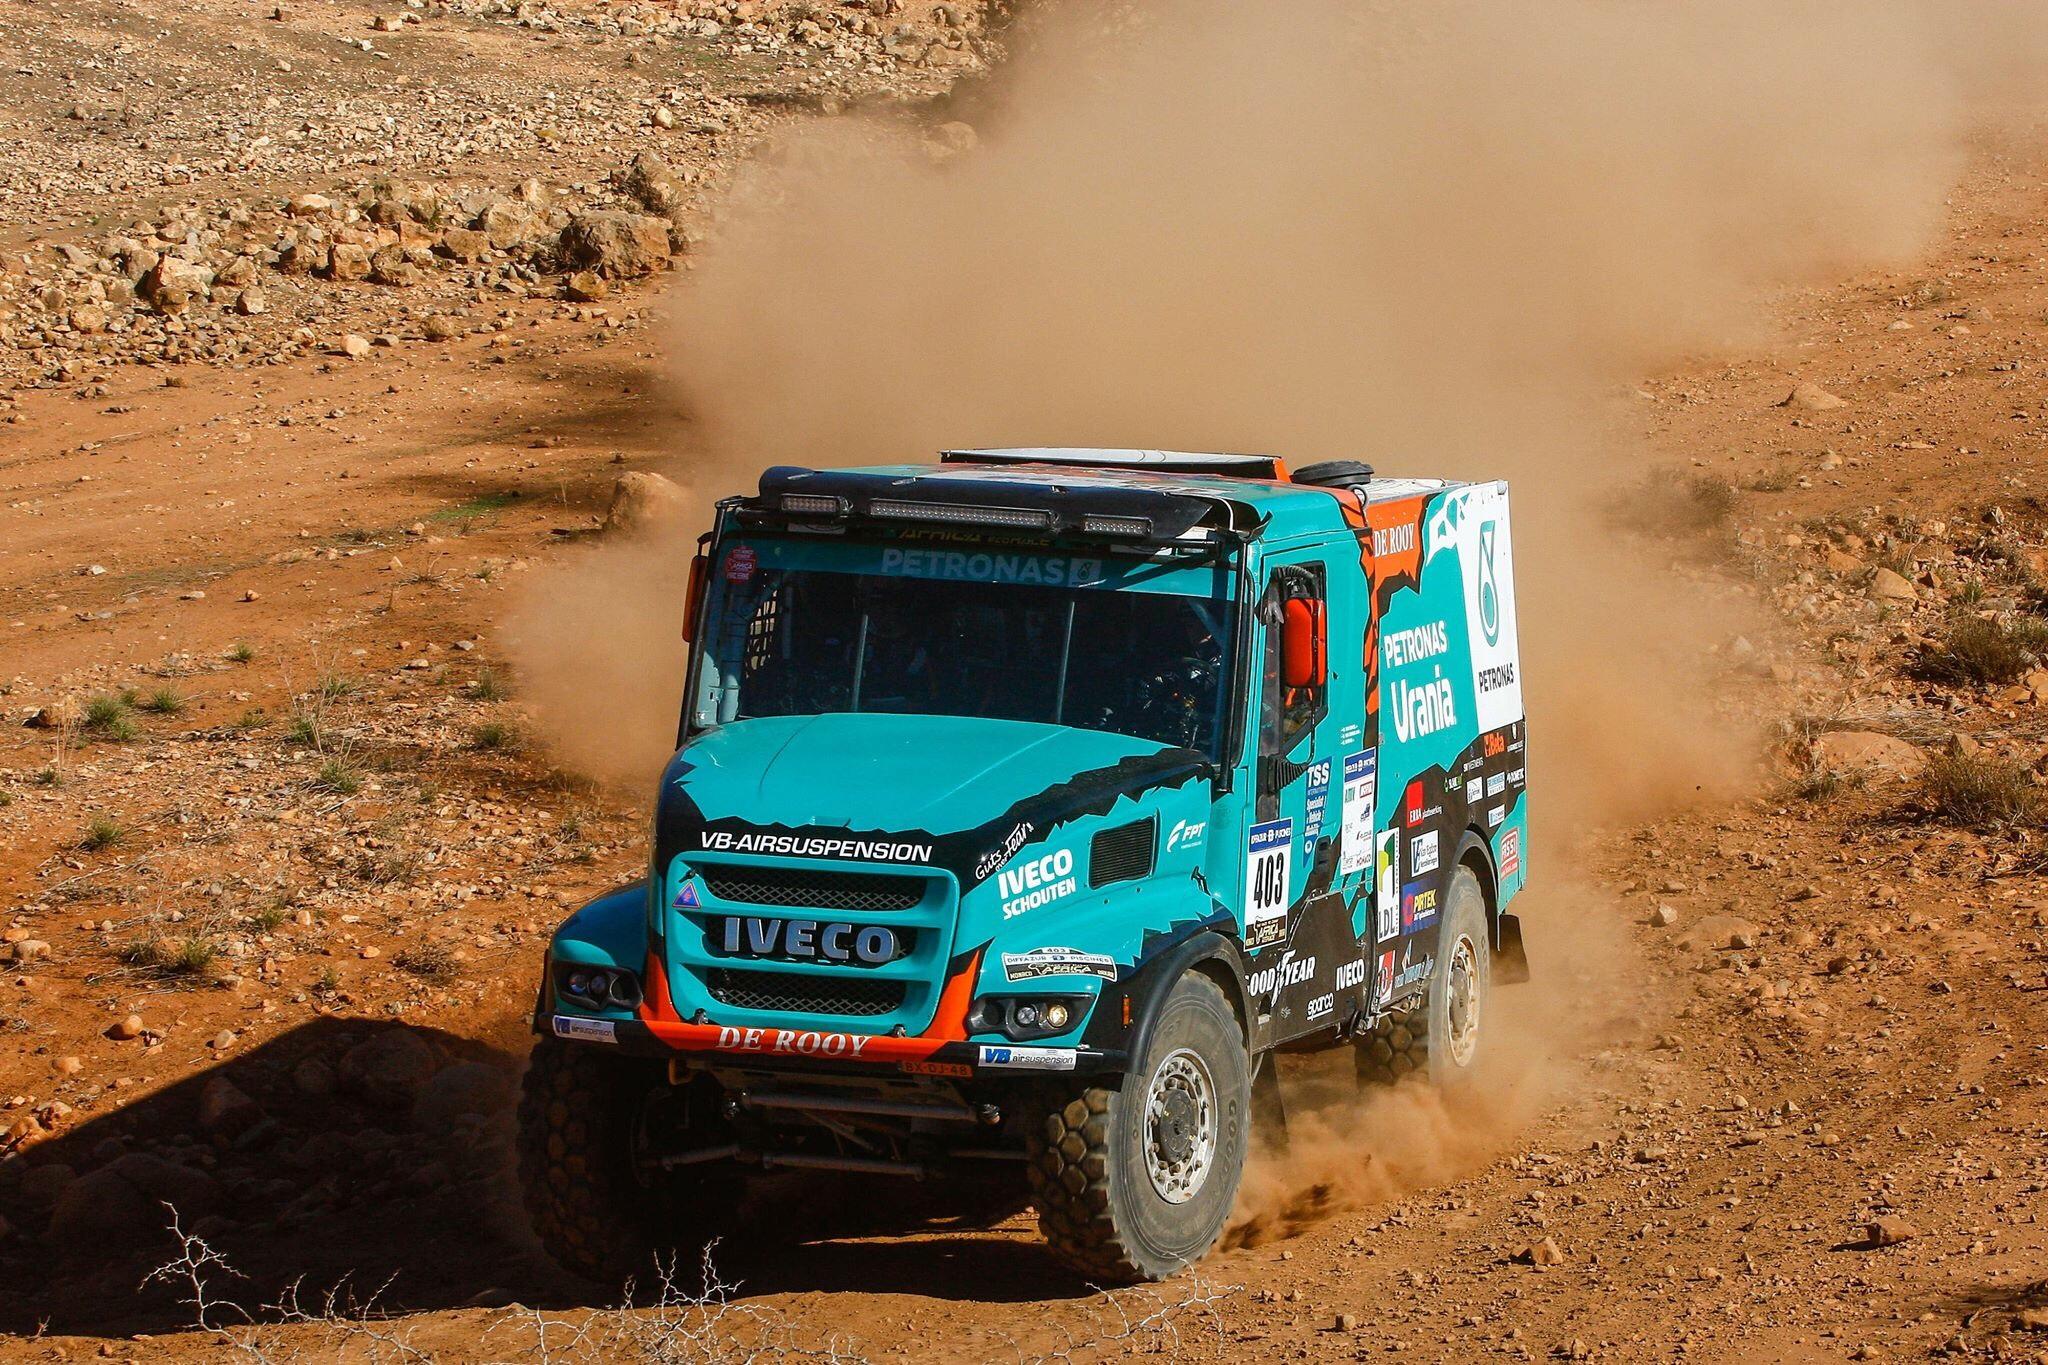 Van Ginkel uit Africa Race, De Rooy ziet nog kansen op podium